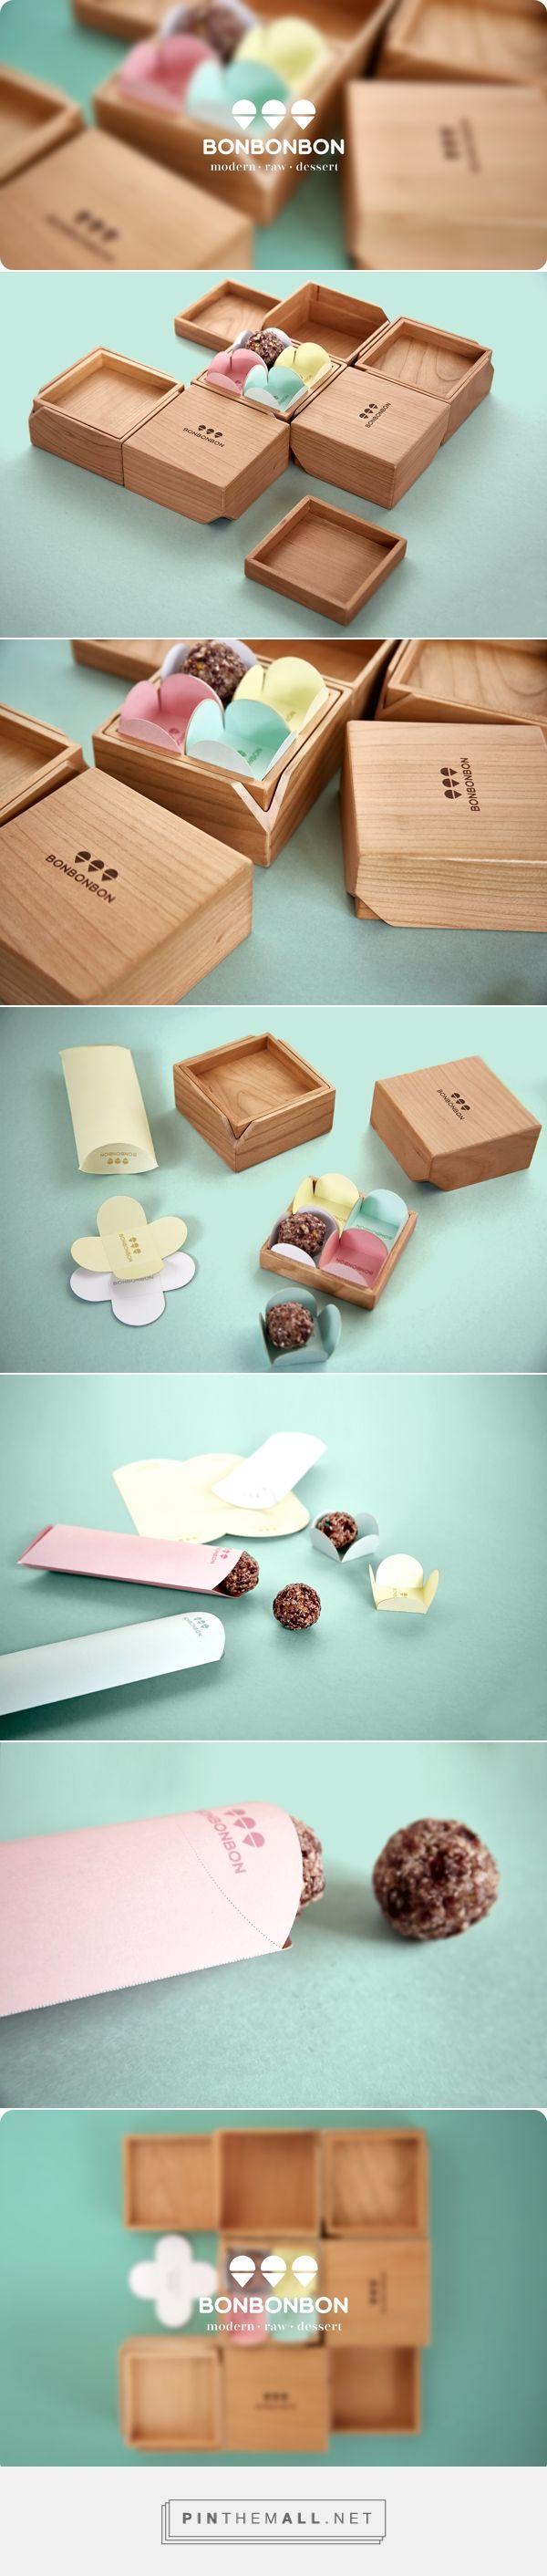 https://www.behance.net/gallery/23079717/Bonbonbon-wooden-box-packaging